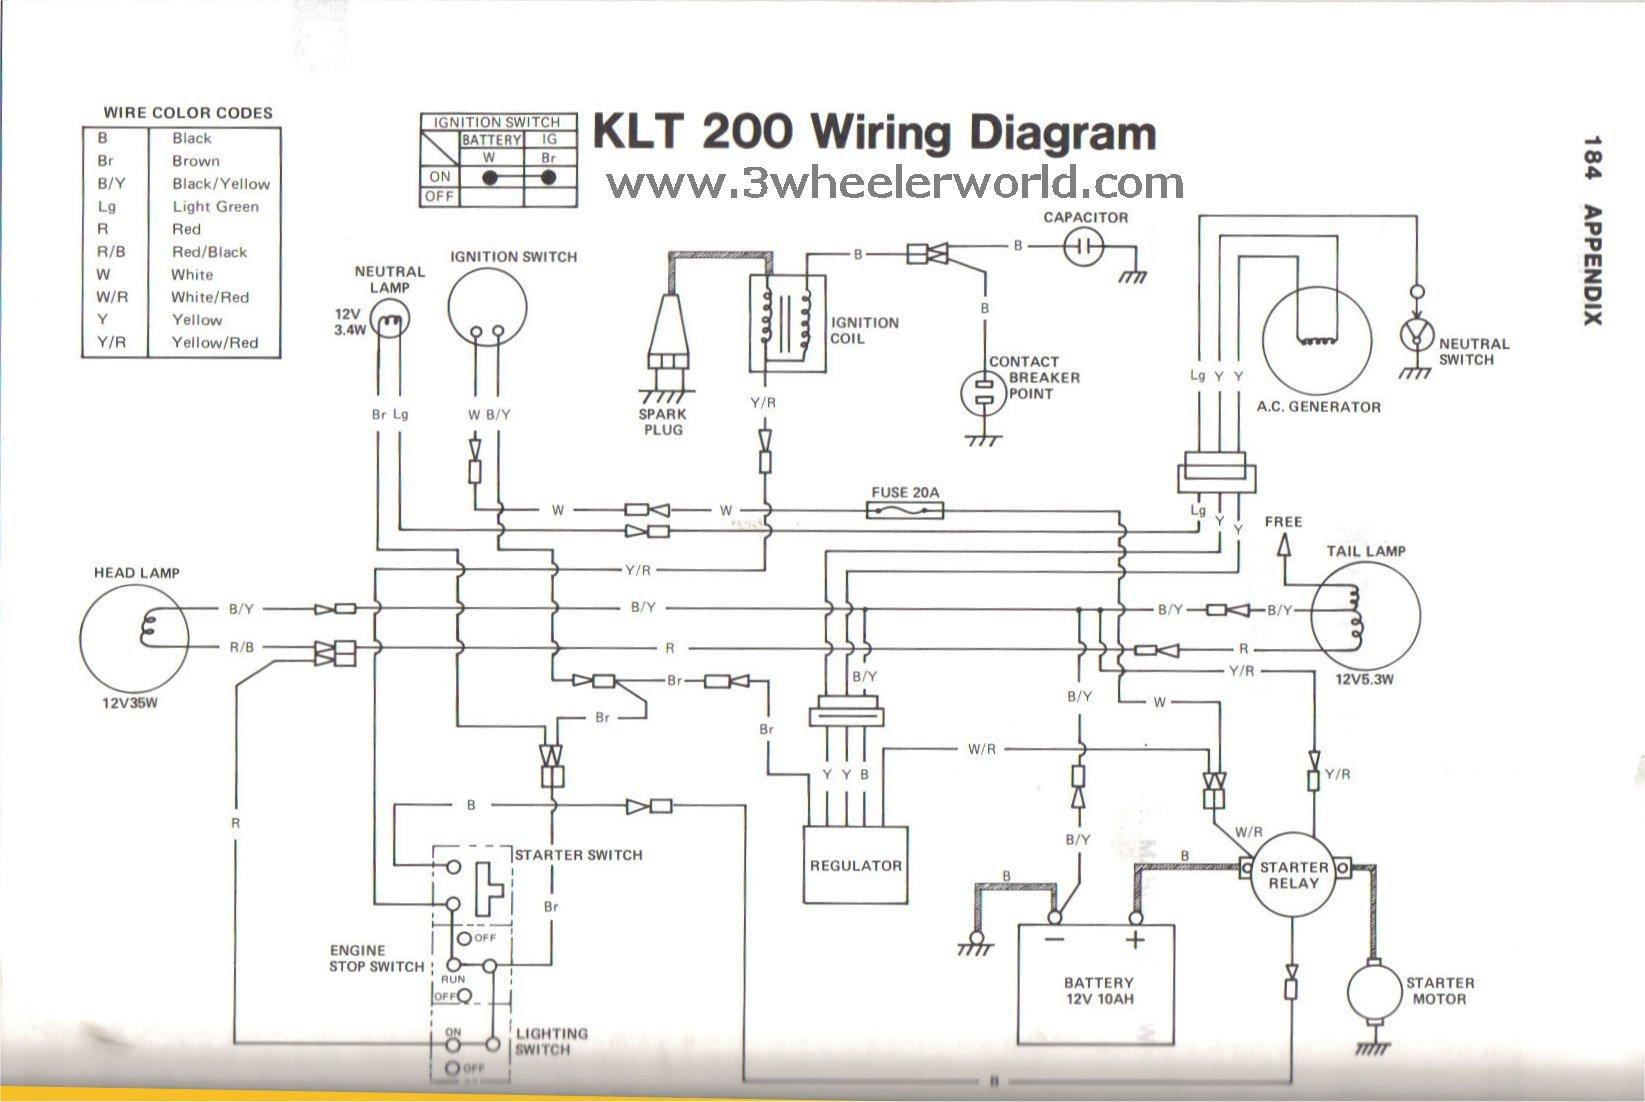 Magnificent Klt 200 Wiring Diagram Diagram Data Schema Wiring Cloud Lukepaidewilluminateatxorg